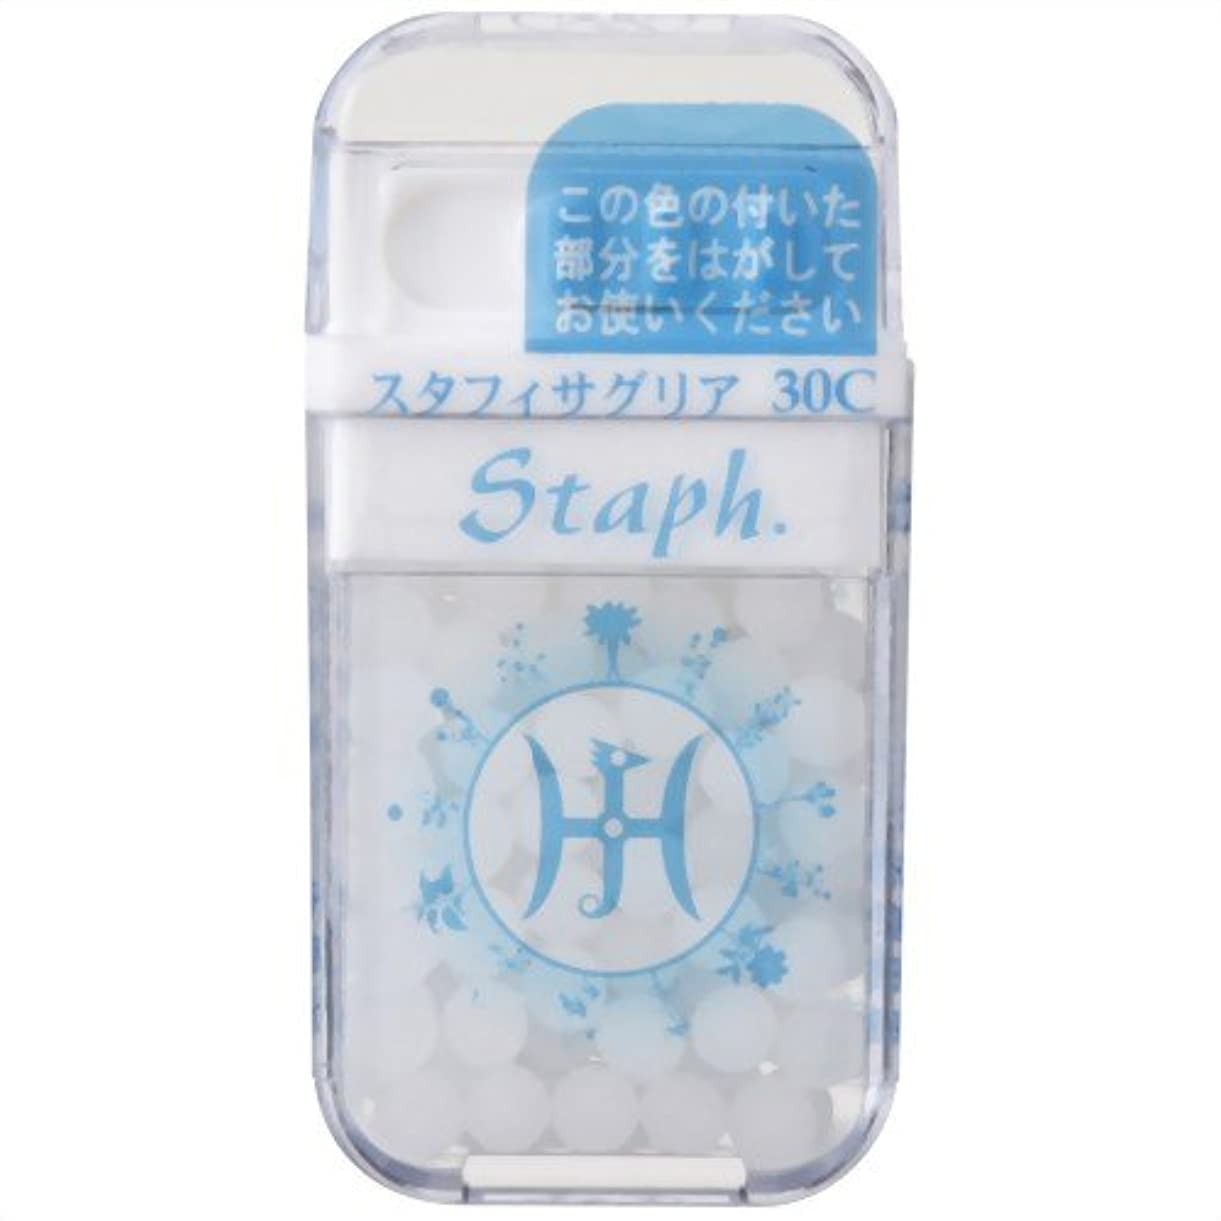 やさしいわかる滴下ホメオパシージャパンレメディー Staph.  スタフィサグリア 30C (大ビン)